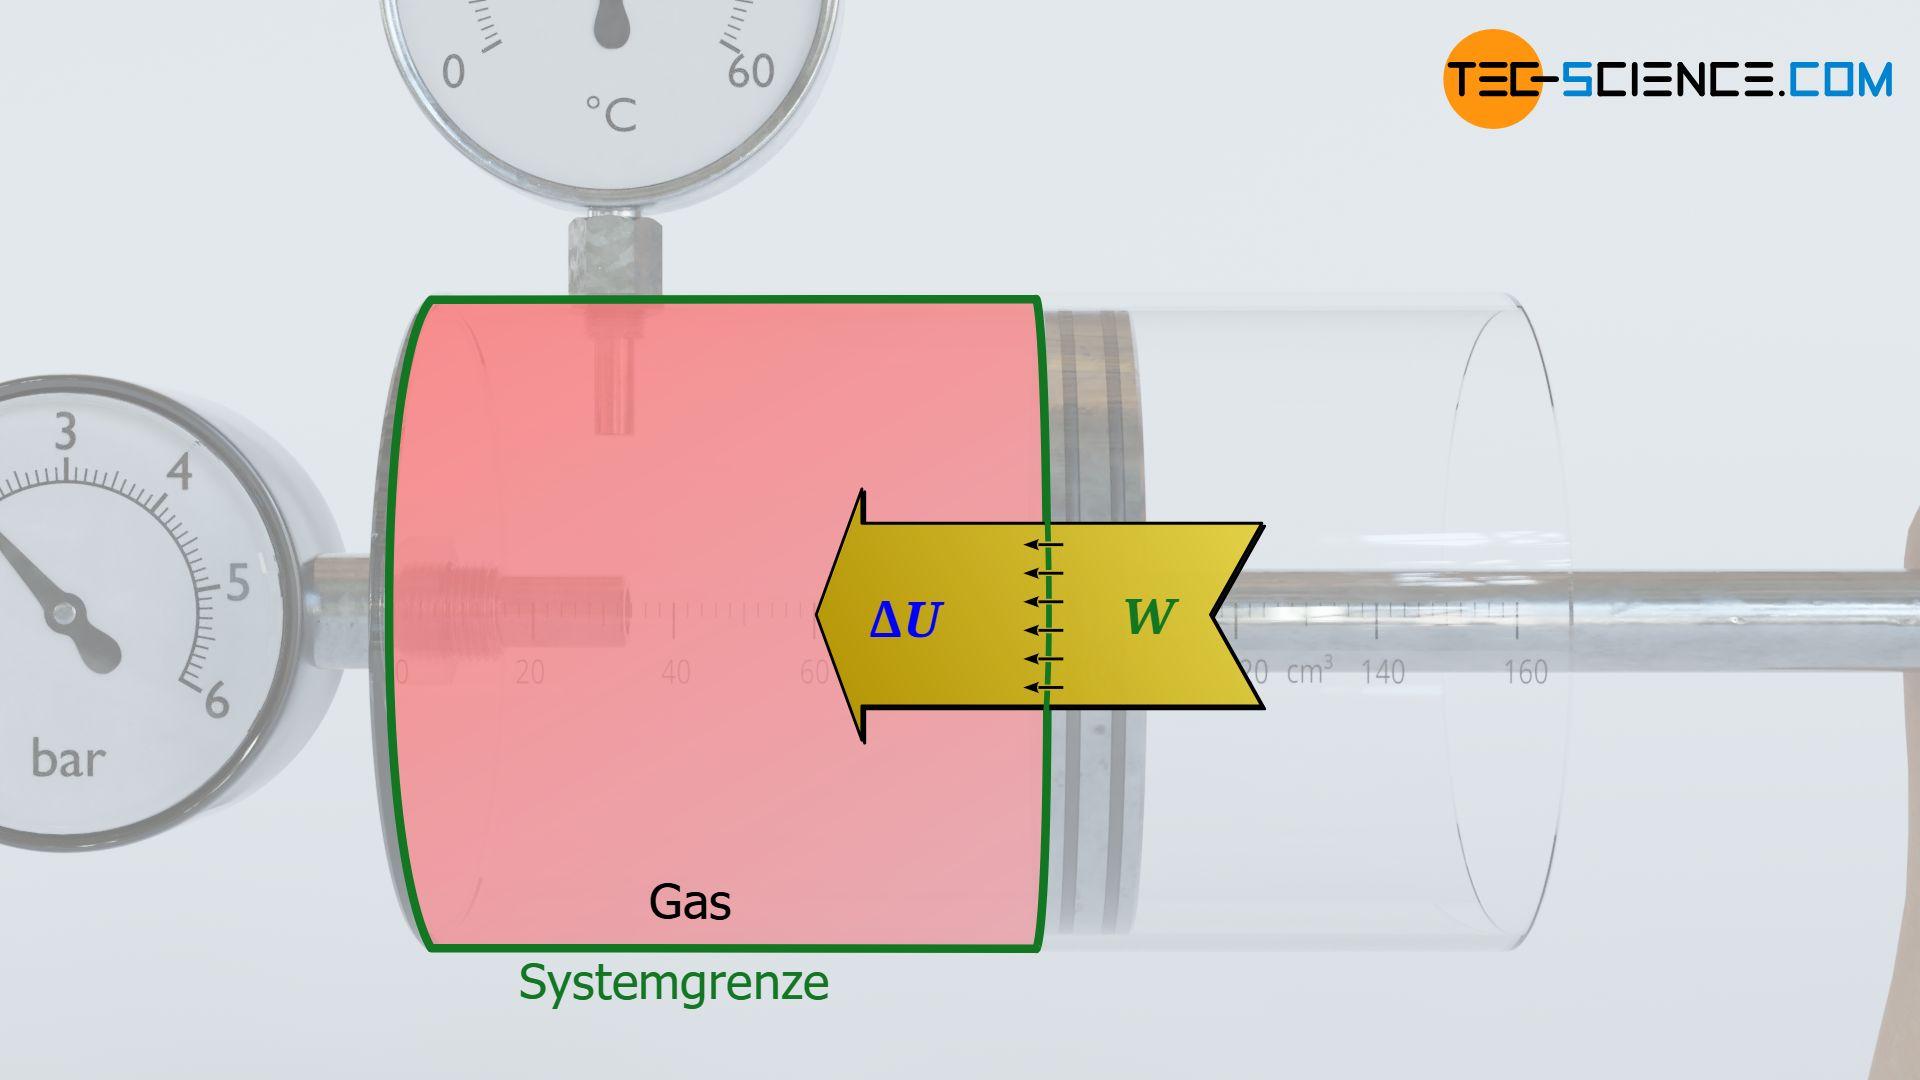 Energieflussdiagramm einer reibungsfreien Kompression eines Gases in einem Zylinder (adiabates System)